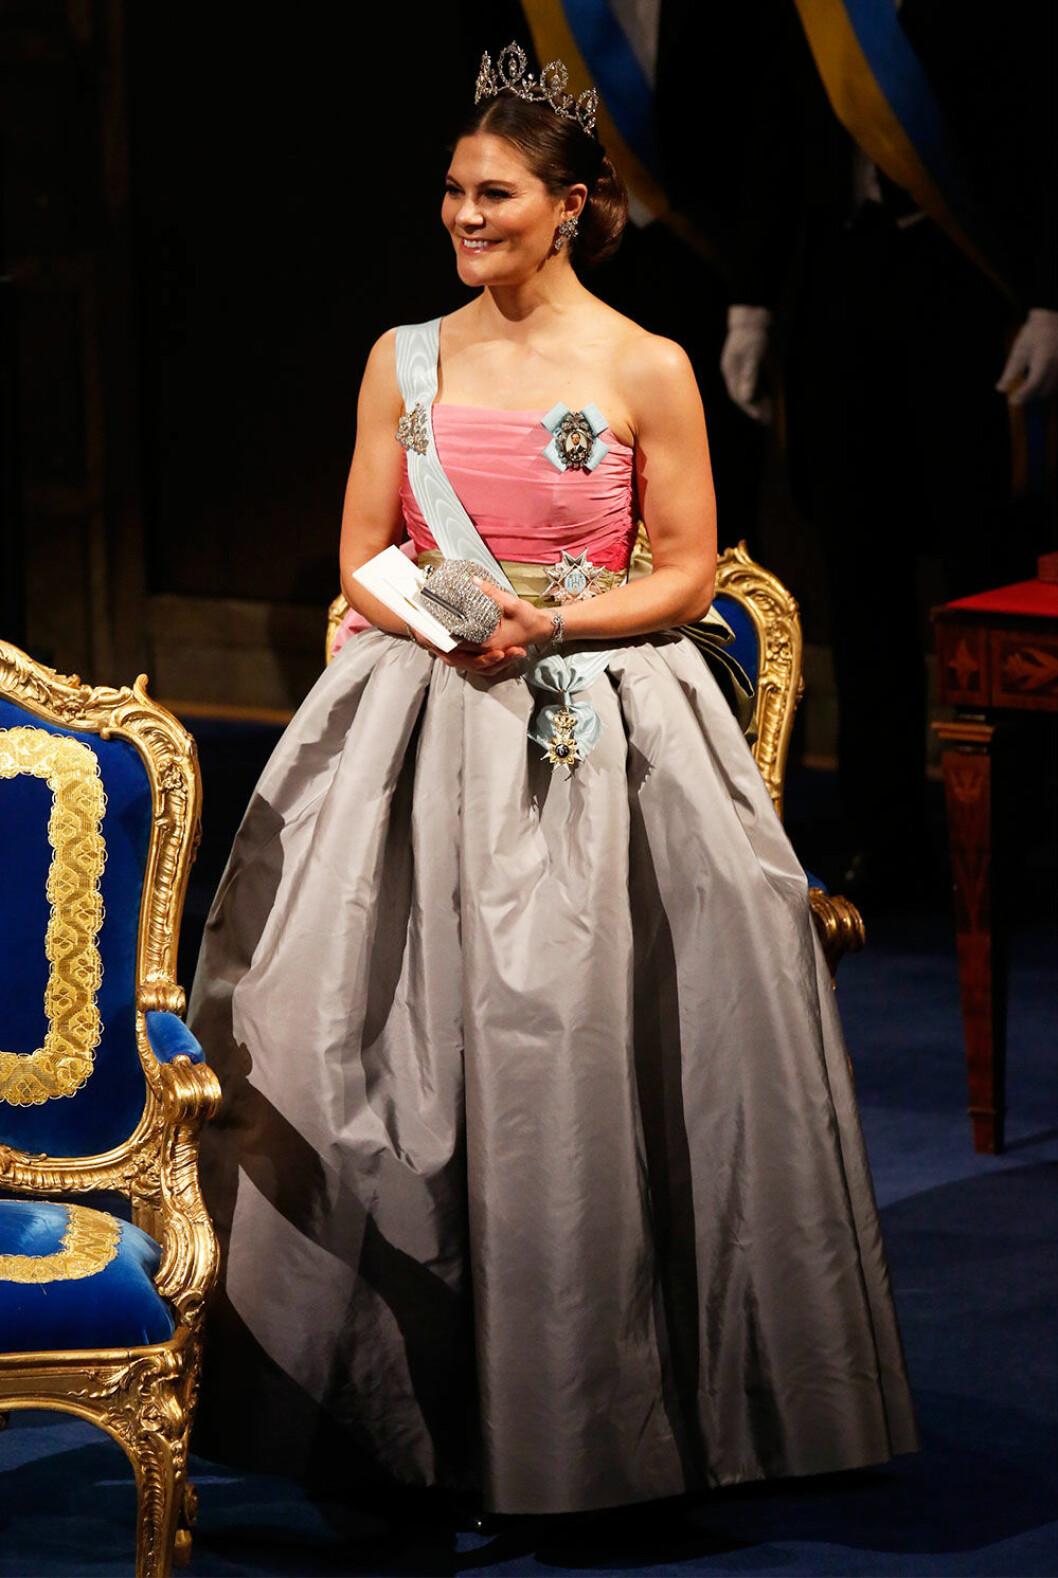 Kronprinsessan Victoria i samma klänning som hennes mamma, Drottning Silvia, bar på Nobel 1995.